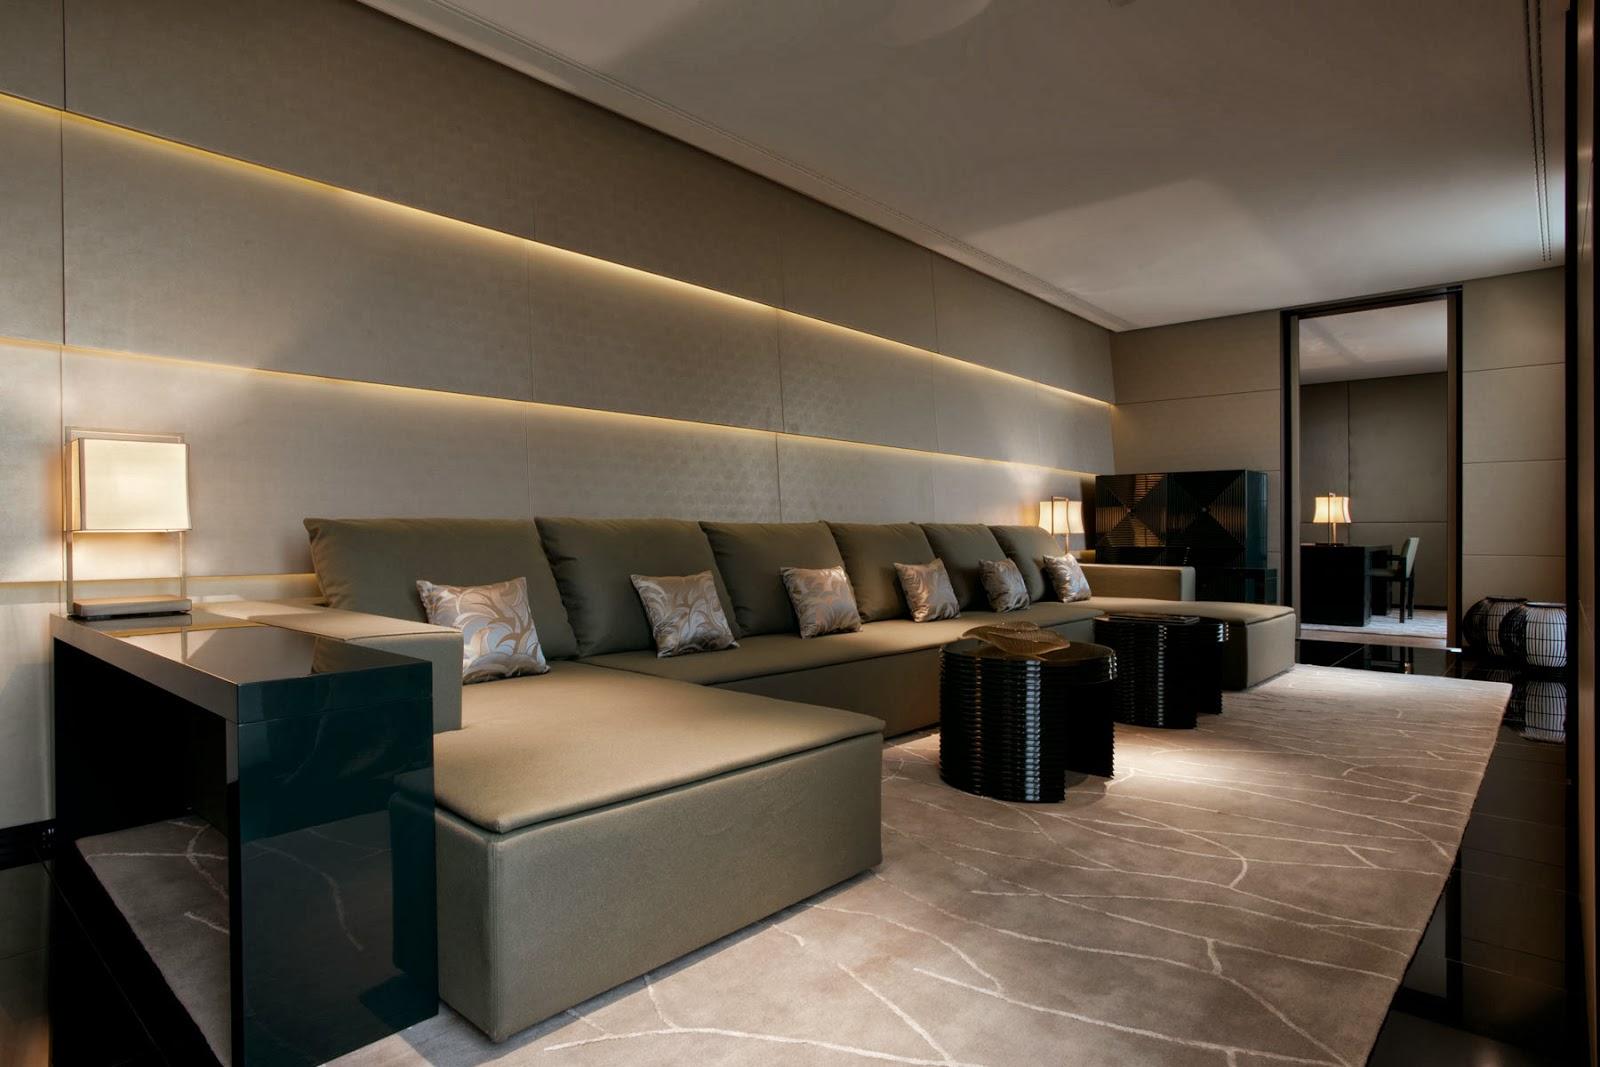 Armani hotel milano luxury 4 7 hotel for Design hotel milano